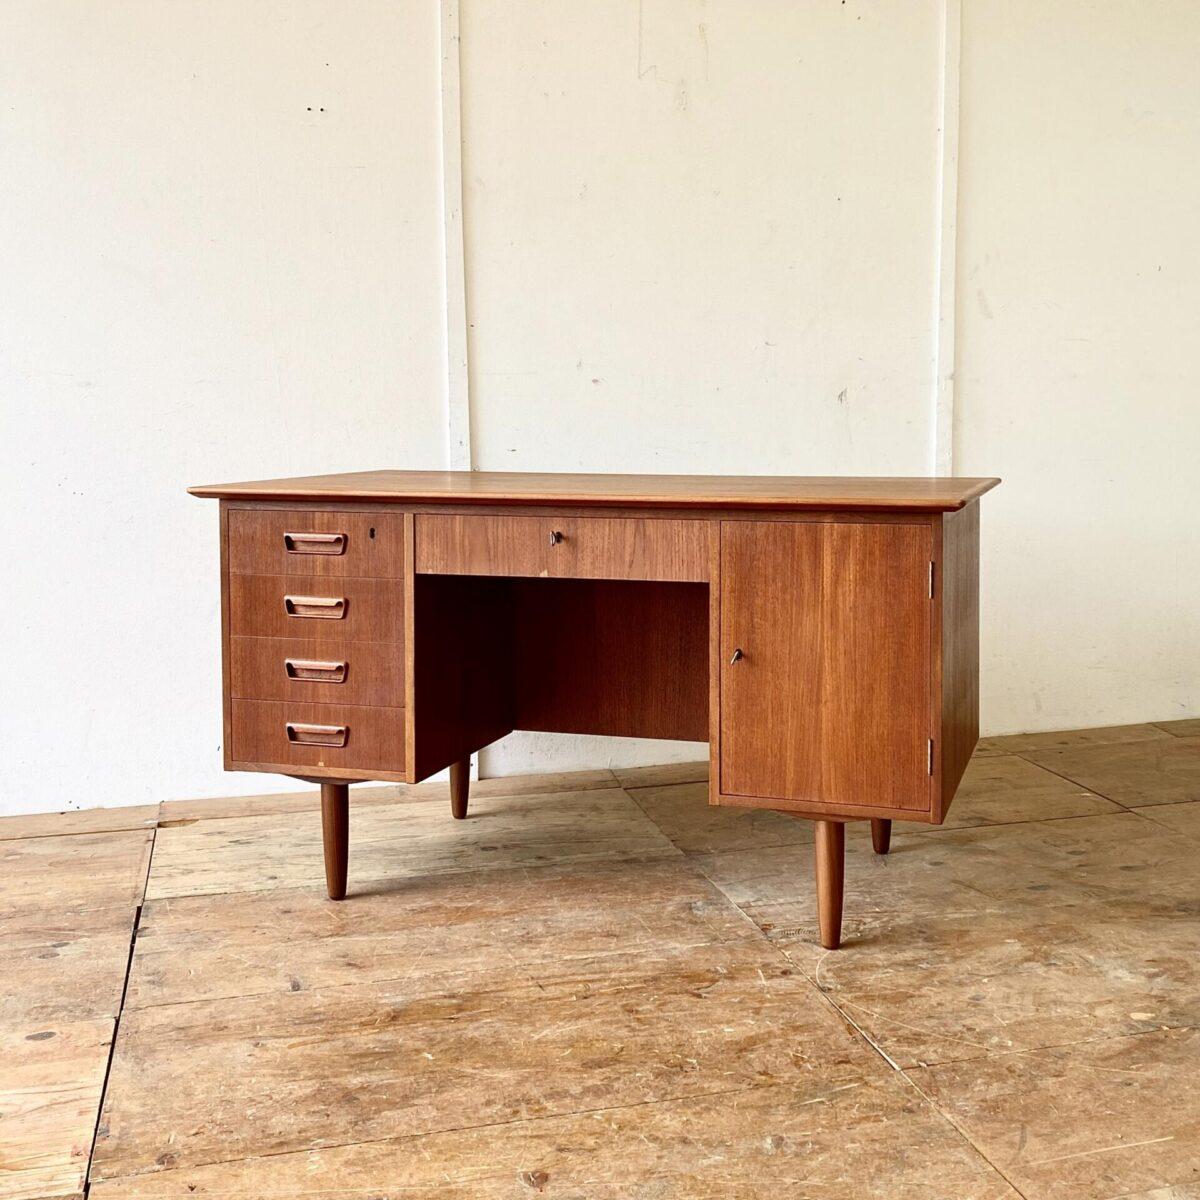 Vintage Teak Tisch 60er Jahre. Deuxieme.shop danish furniture. Midcentury Teak Schreibtisch 135x73cm Höhe 74cm. Dieser Tisch ist in gepflegtem guten Zustand. Zwei Schubladen und die Türe sind abschliessbar. Die Rückseite mit Tablar ist ebenfalls schön verarbeitet.